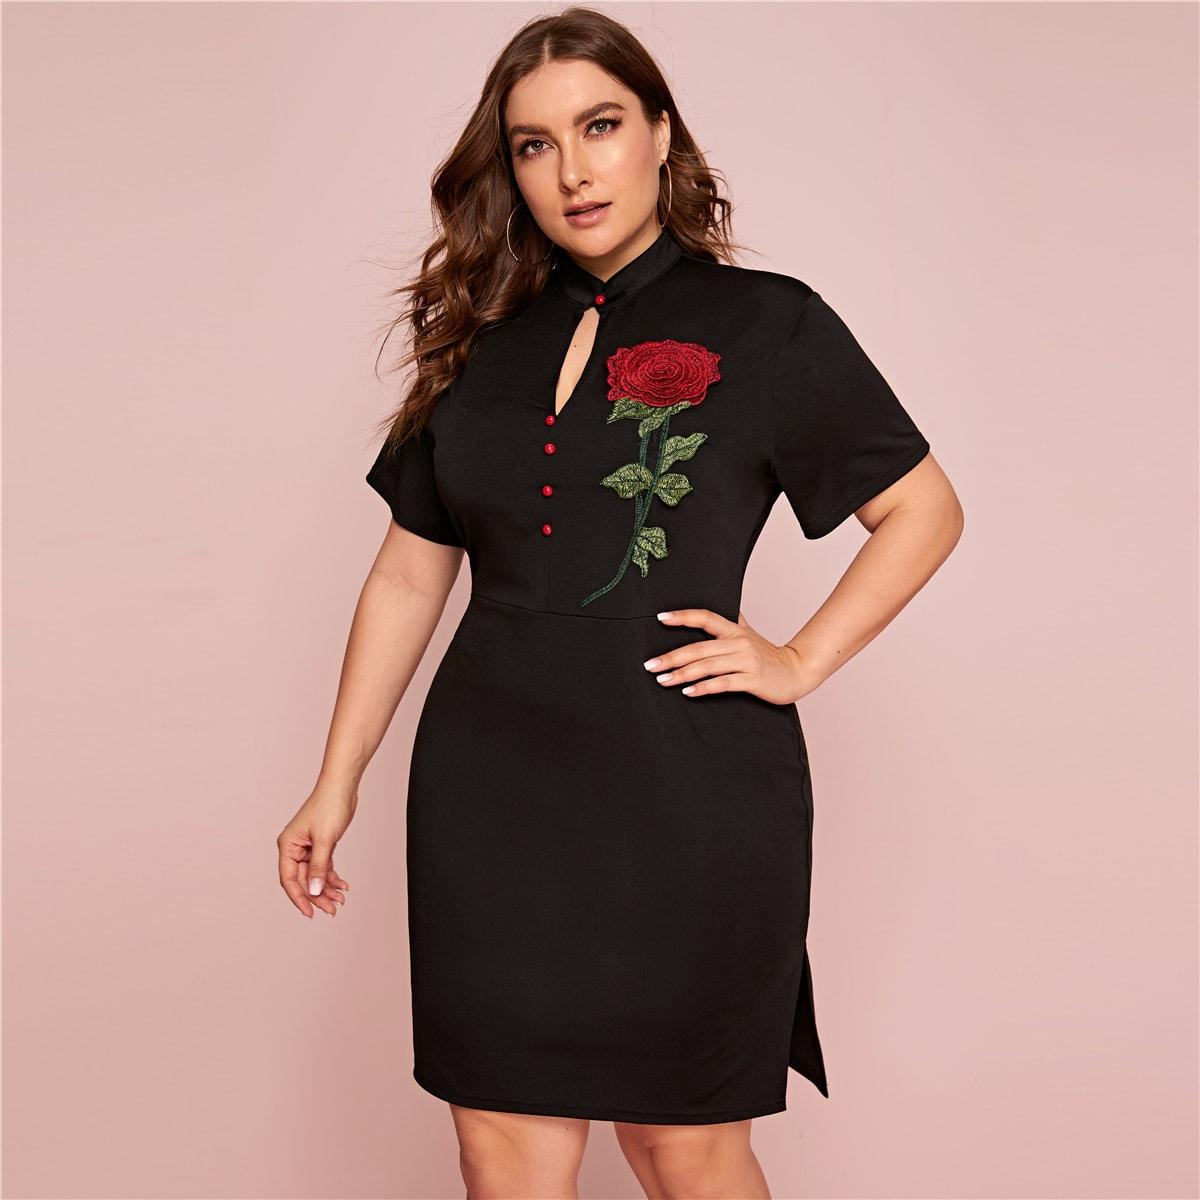 SHEIN / Große Größen -  Kleid mit Blumen Stickereien